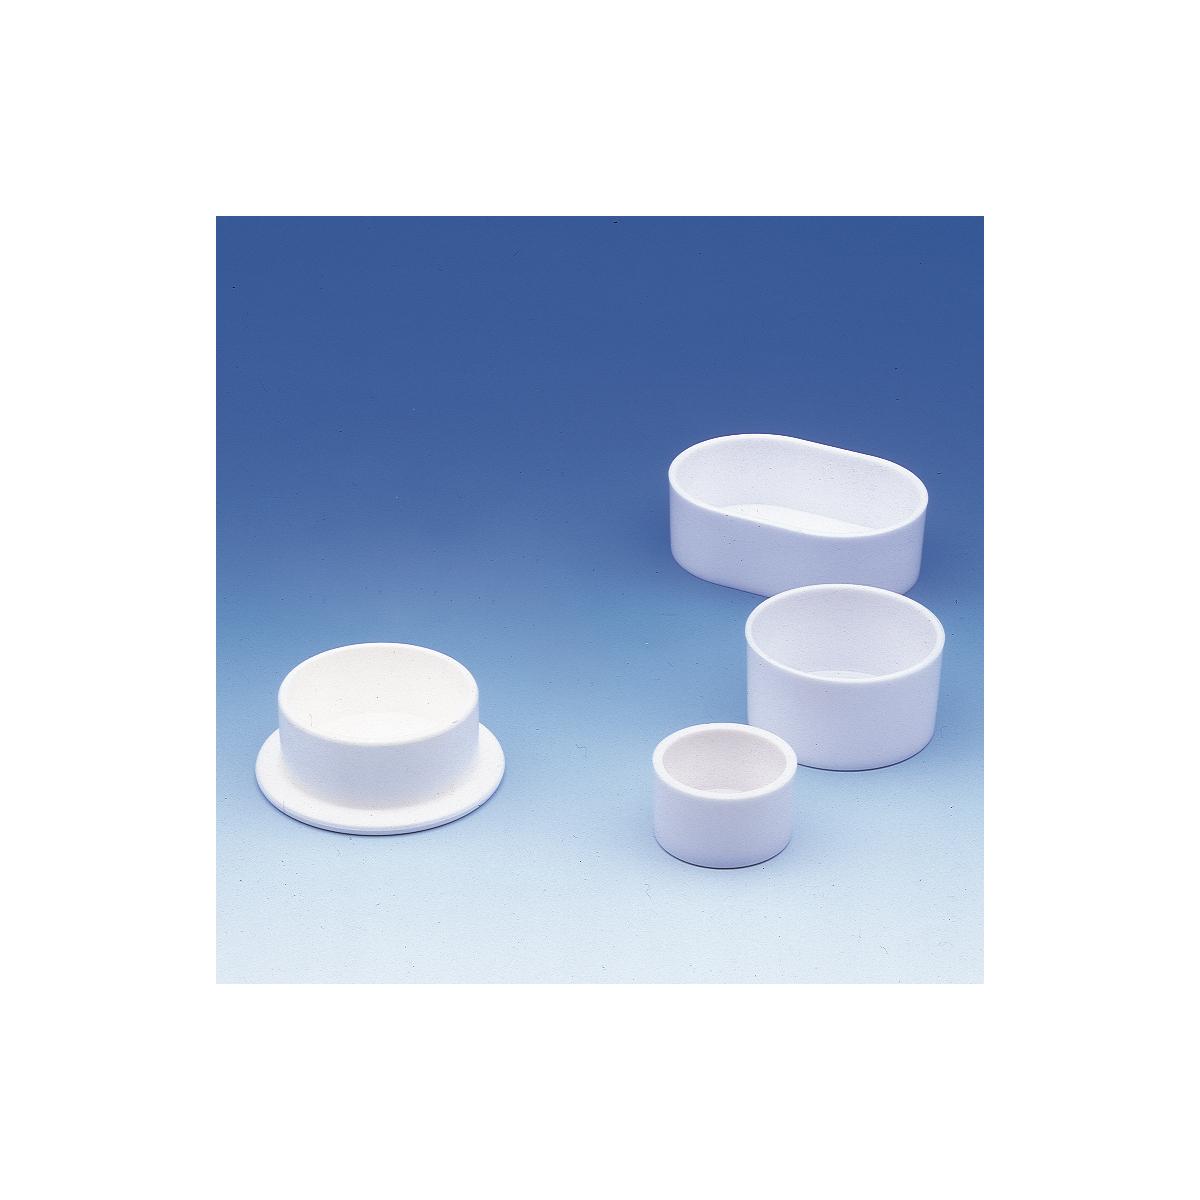 Productafbeelding voor 'Eivoerpotje wit'